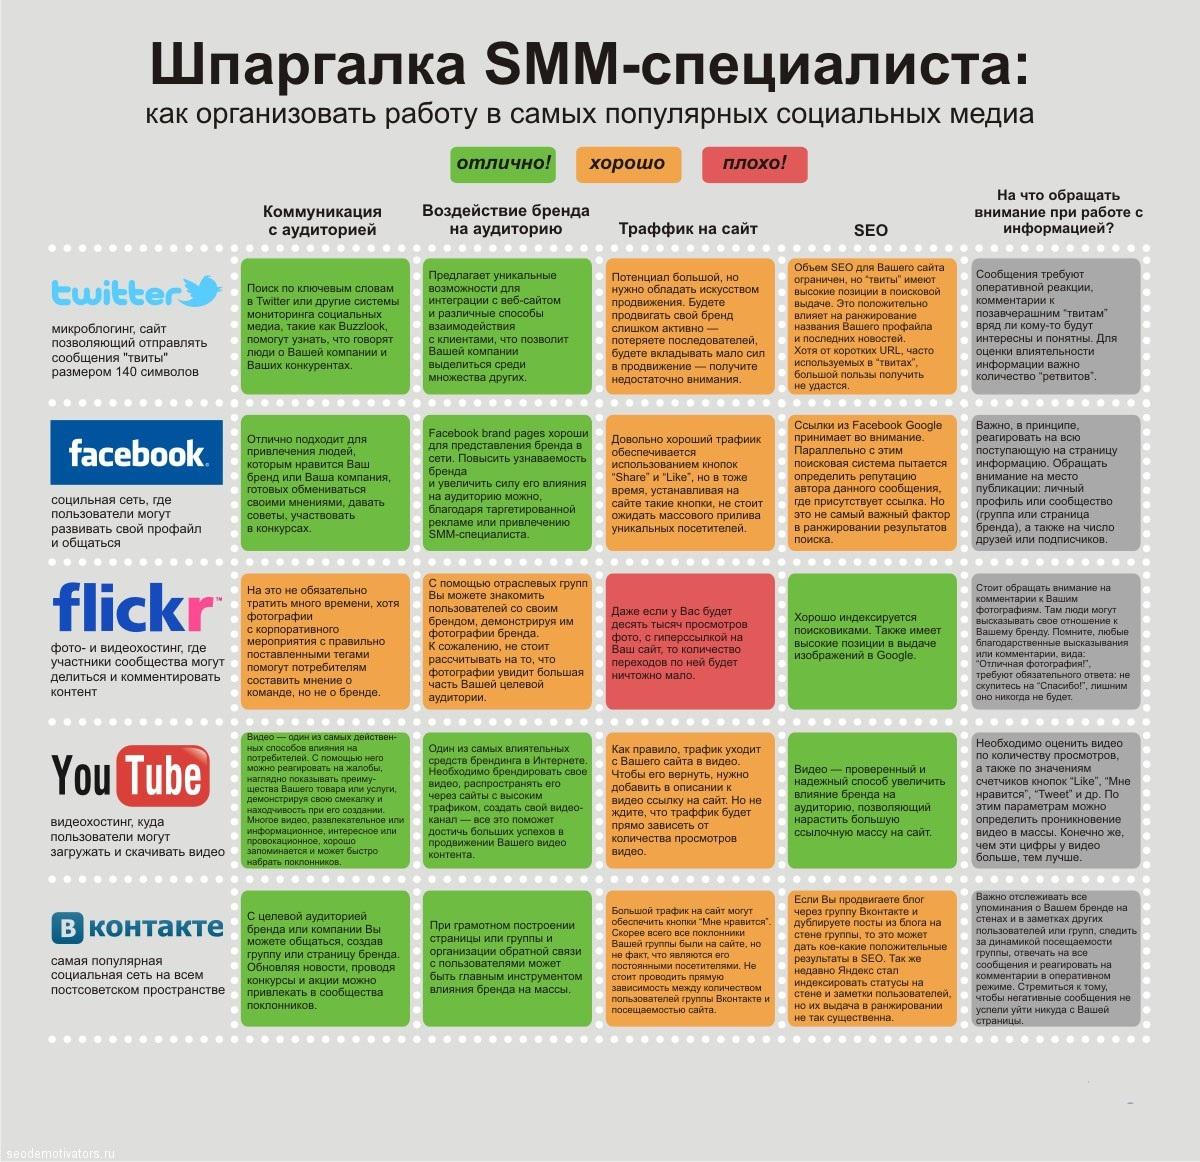 Продвижение новостного сайта в контакте продвижение сайтов и оптимизация